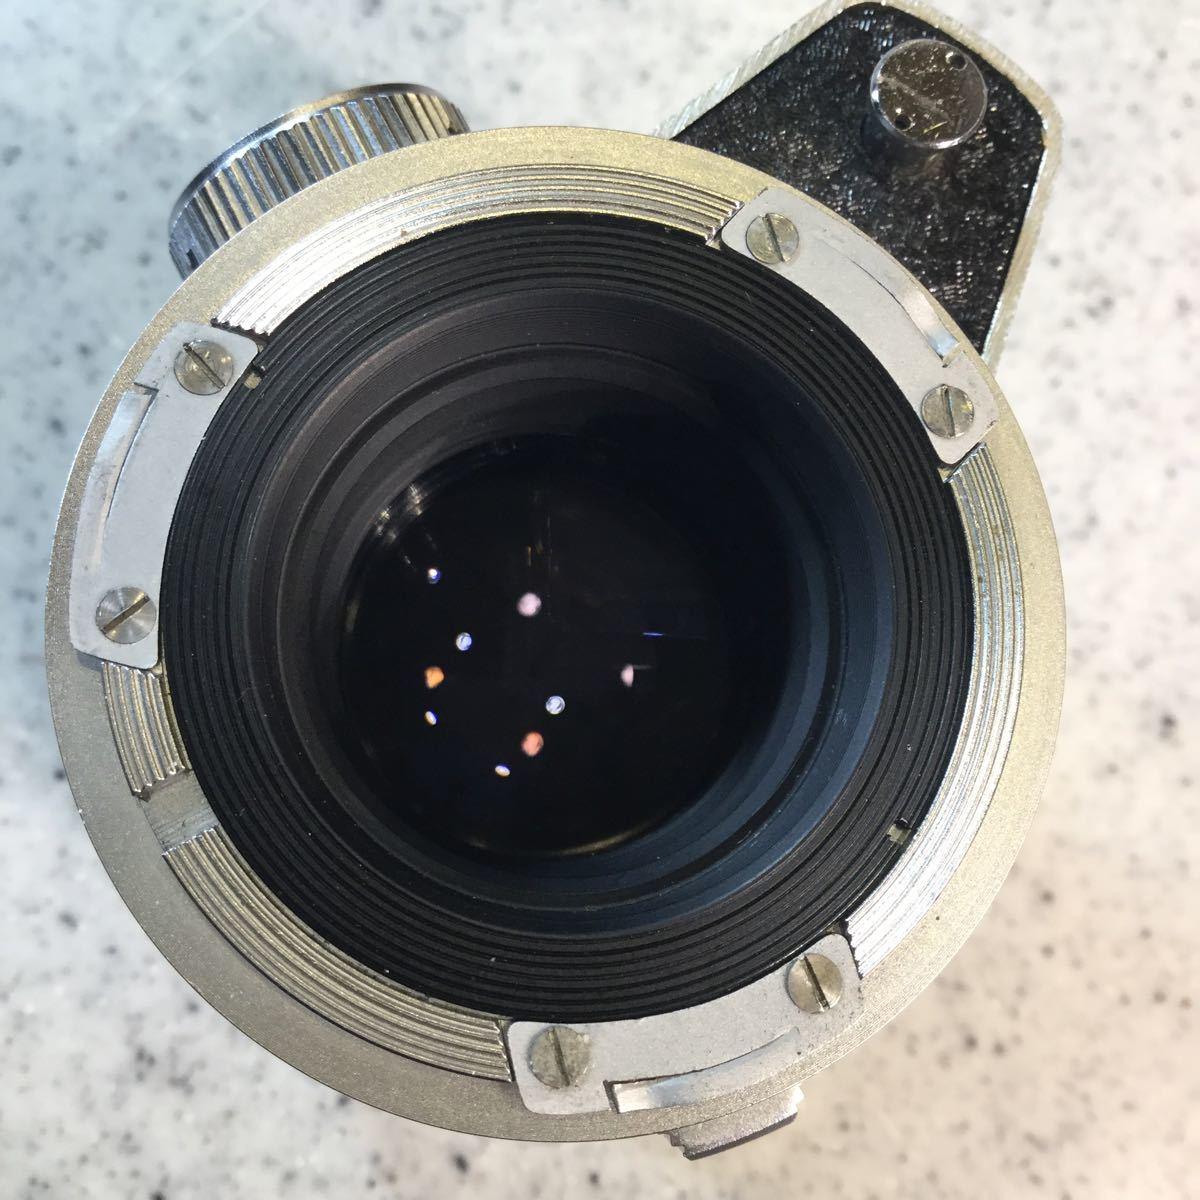 アルパ アンジェニー 90/2.5 ANGENIEUX ALPA 90mm フロントキャップ付_画像6